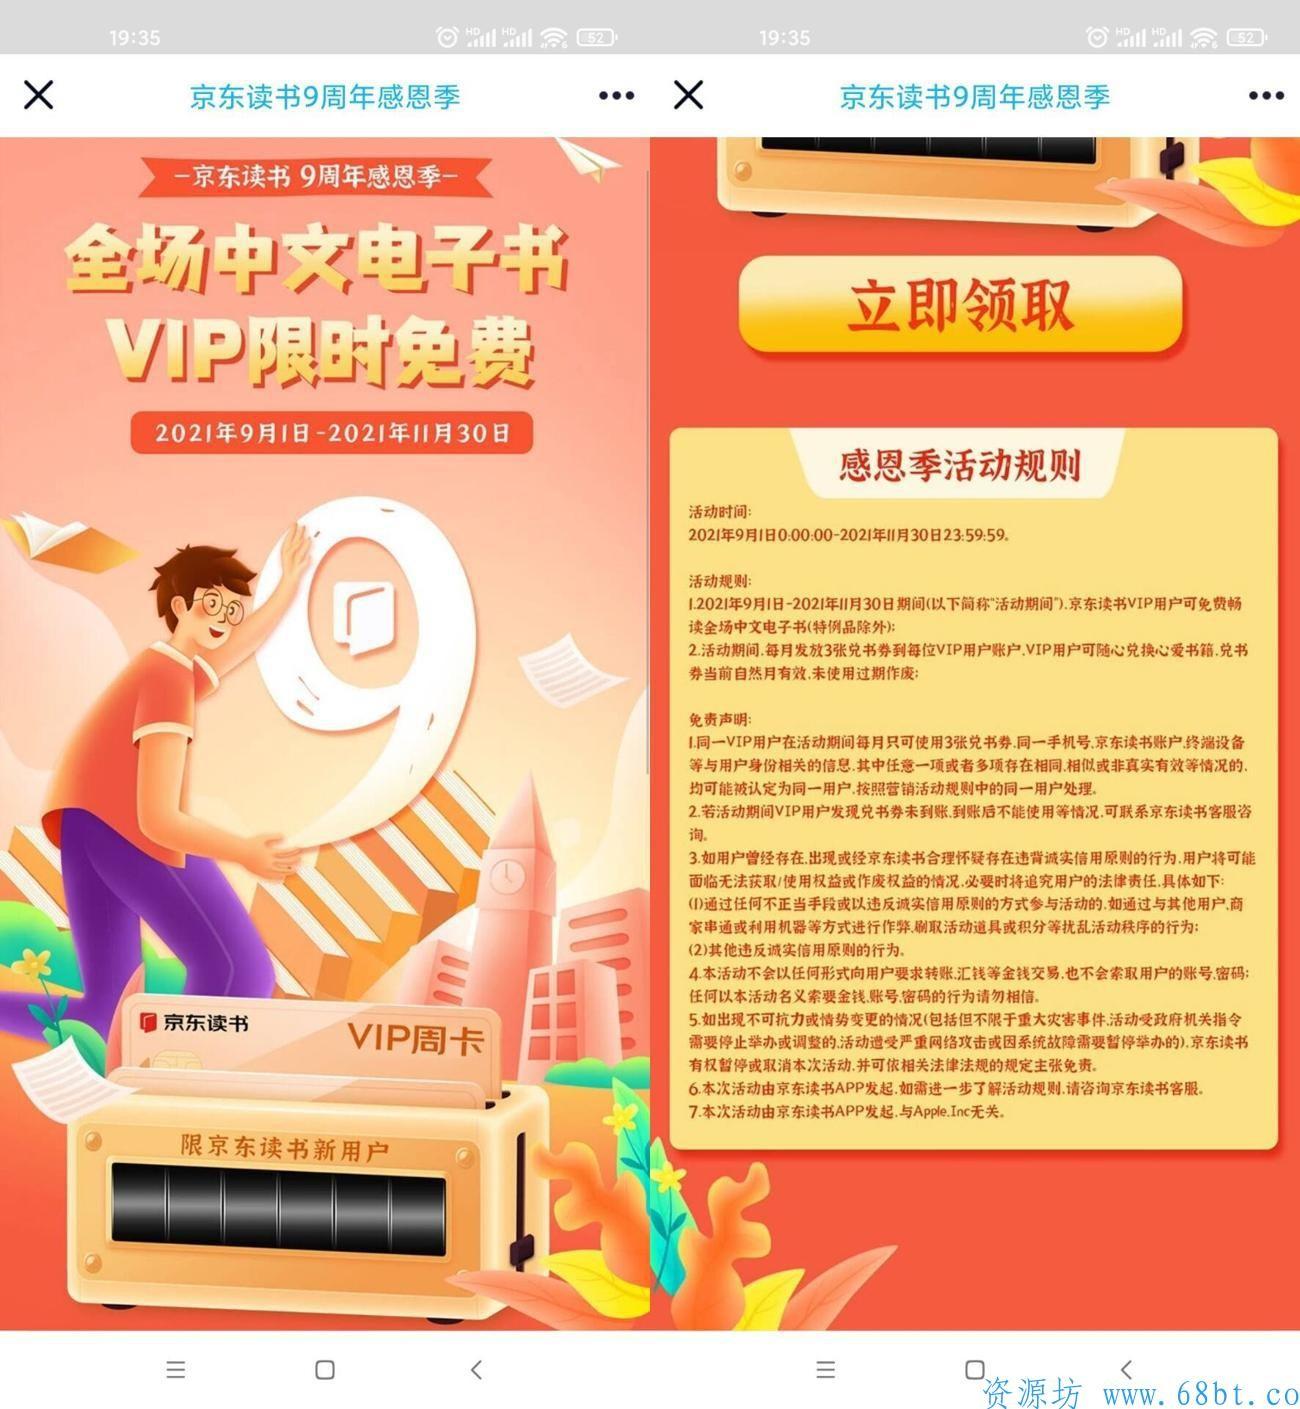 [免费会员] 京东读书会员中文电子书无限畅读,HT 20210912193613 爱奇艺.jpg,京东读书,电子书,教程,电脑,软件,免费会员,手机,第1张